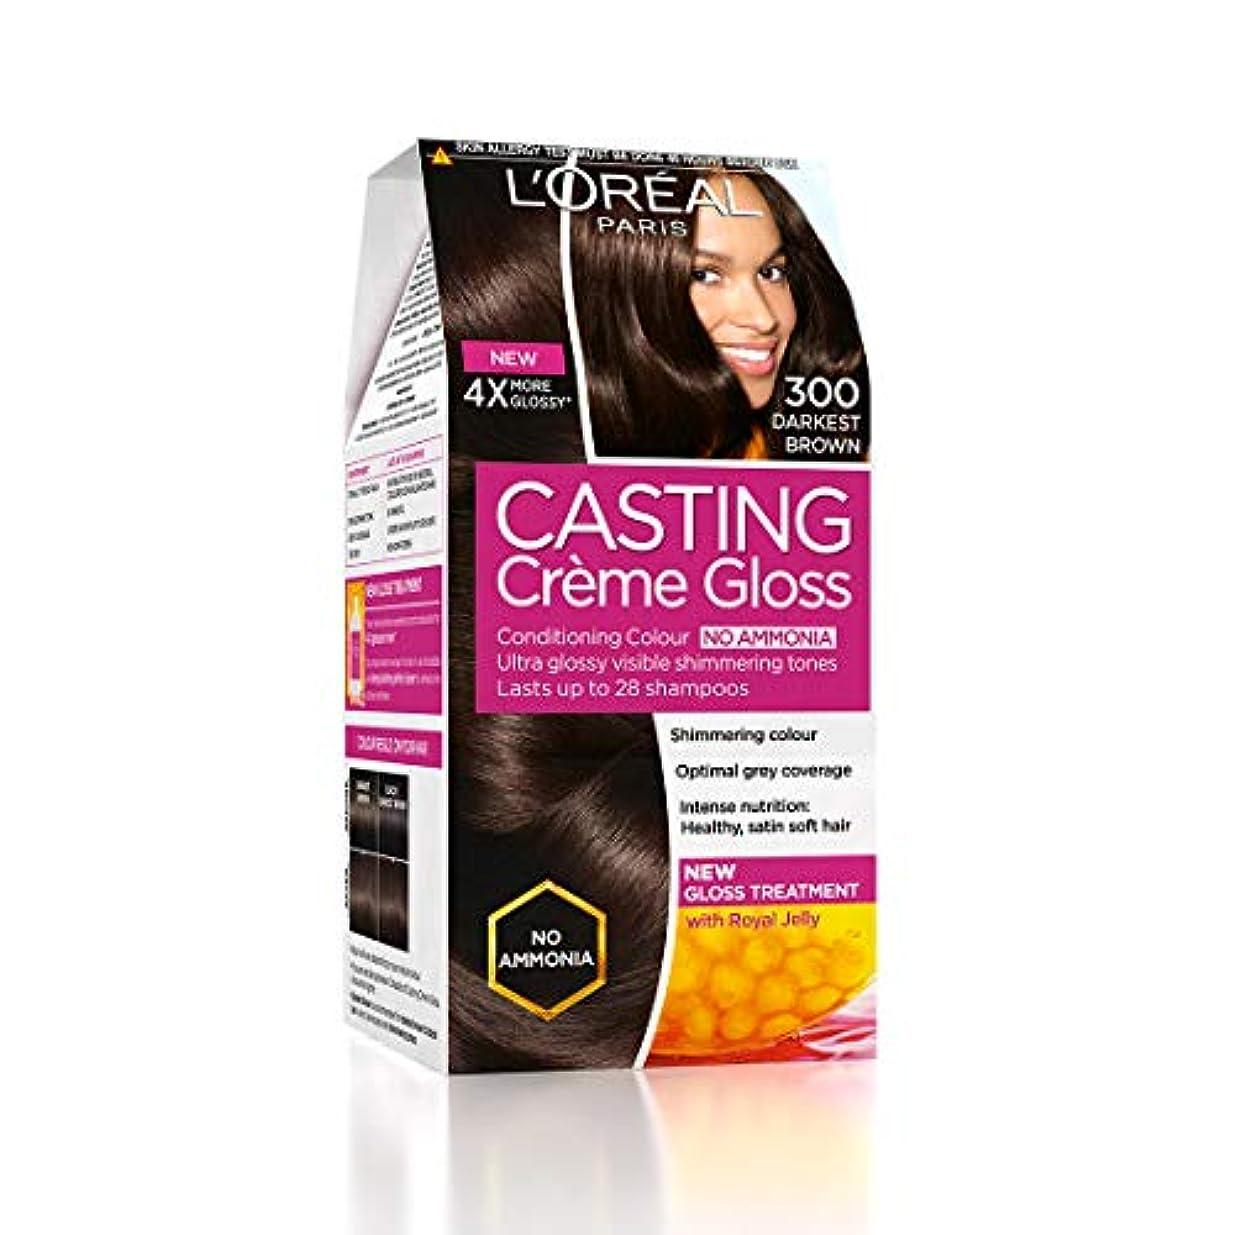 はちみつまぶしさメジャーL'Oreal Paris Casting Creme Gloss Hair Color, Darkest Brown 300, 87.5g+72ml